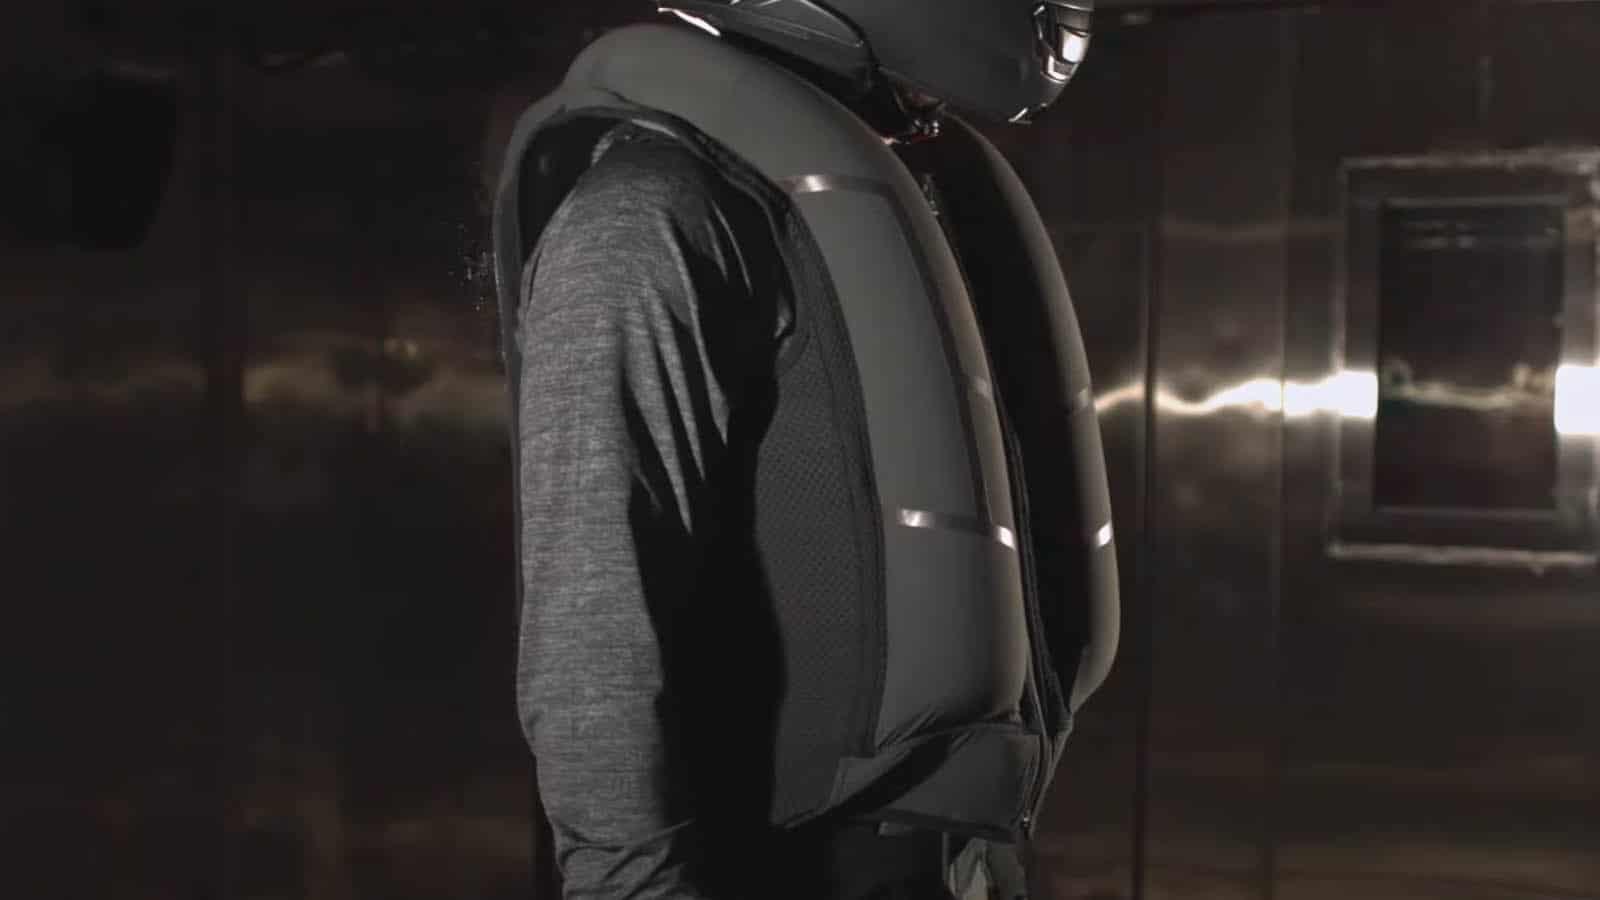 klim ai1 motorcycle airbag vest